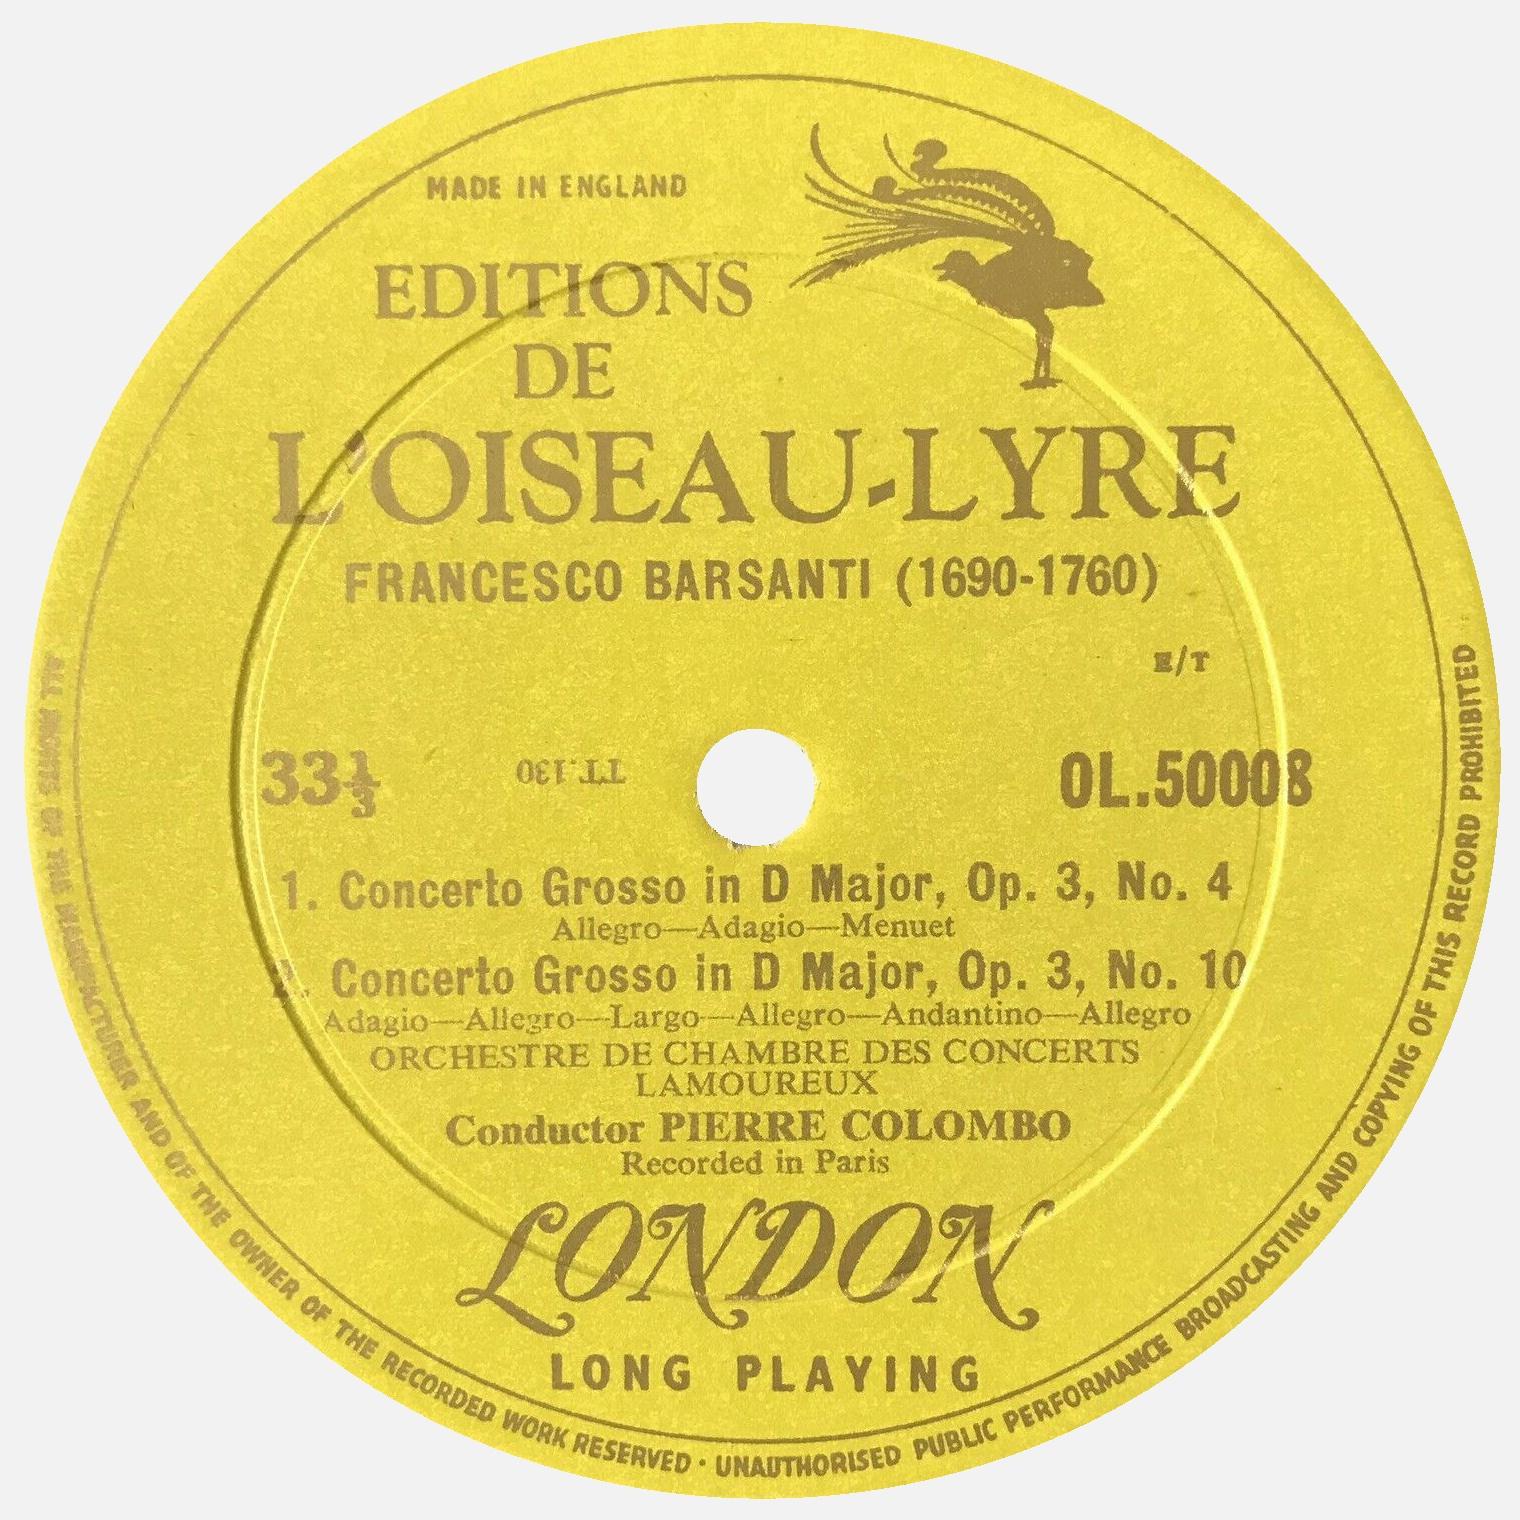 Étiquette verso du disque Oiseau-Lyre OL 50008